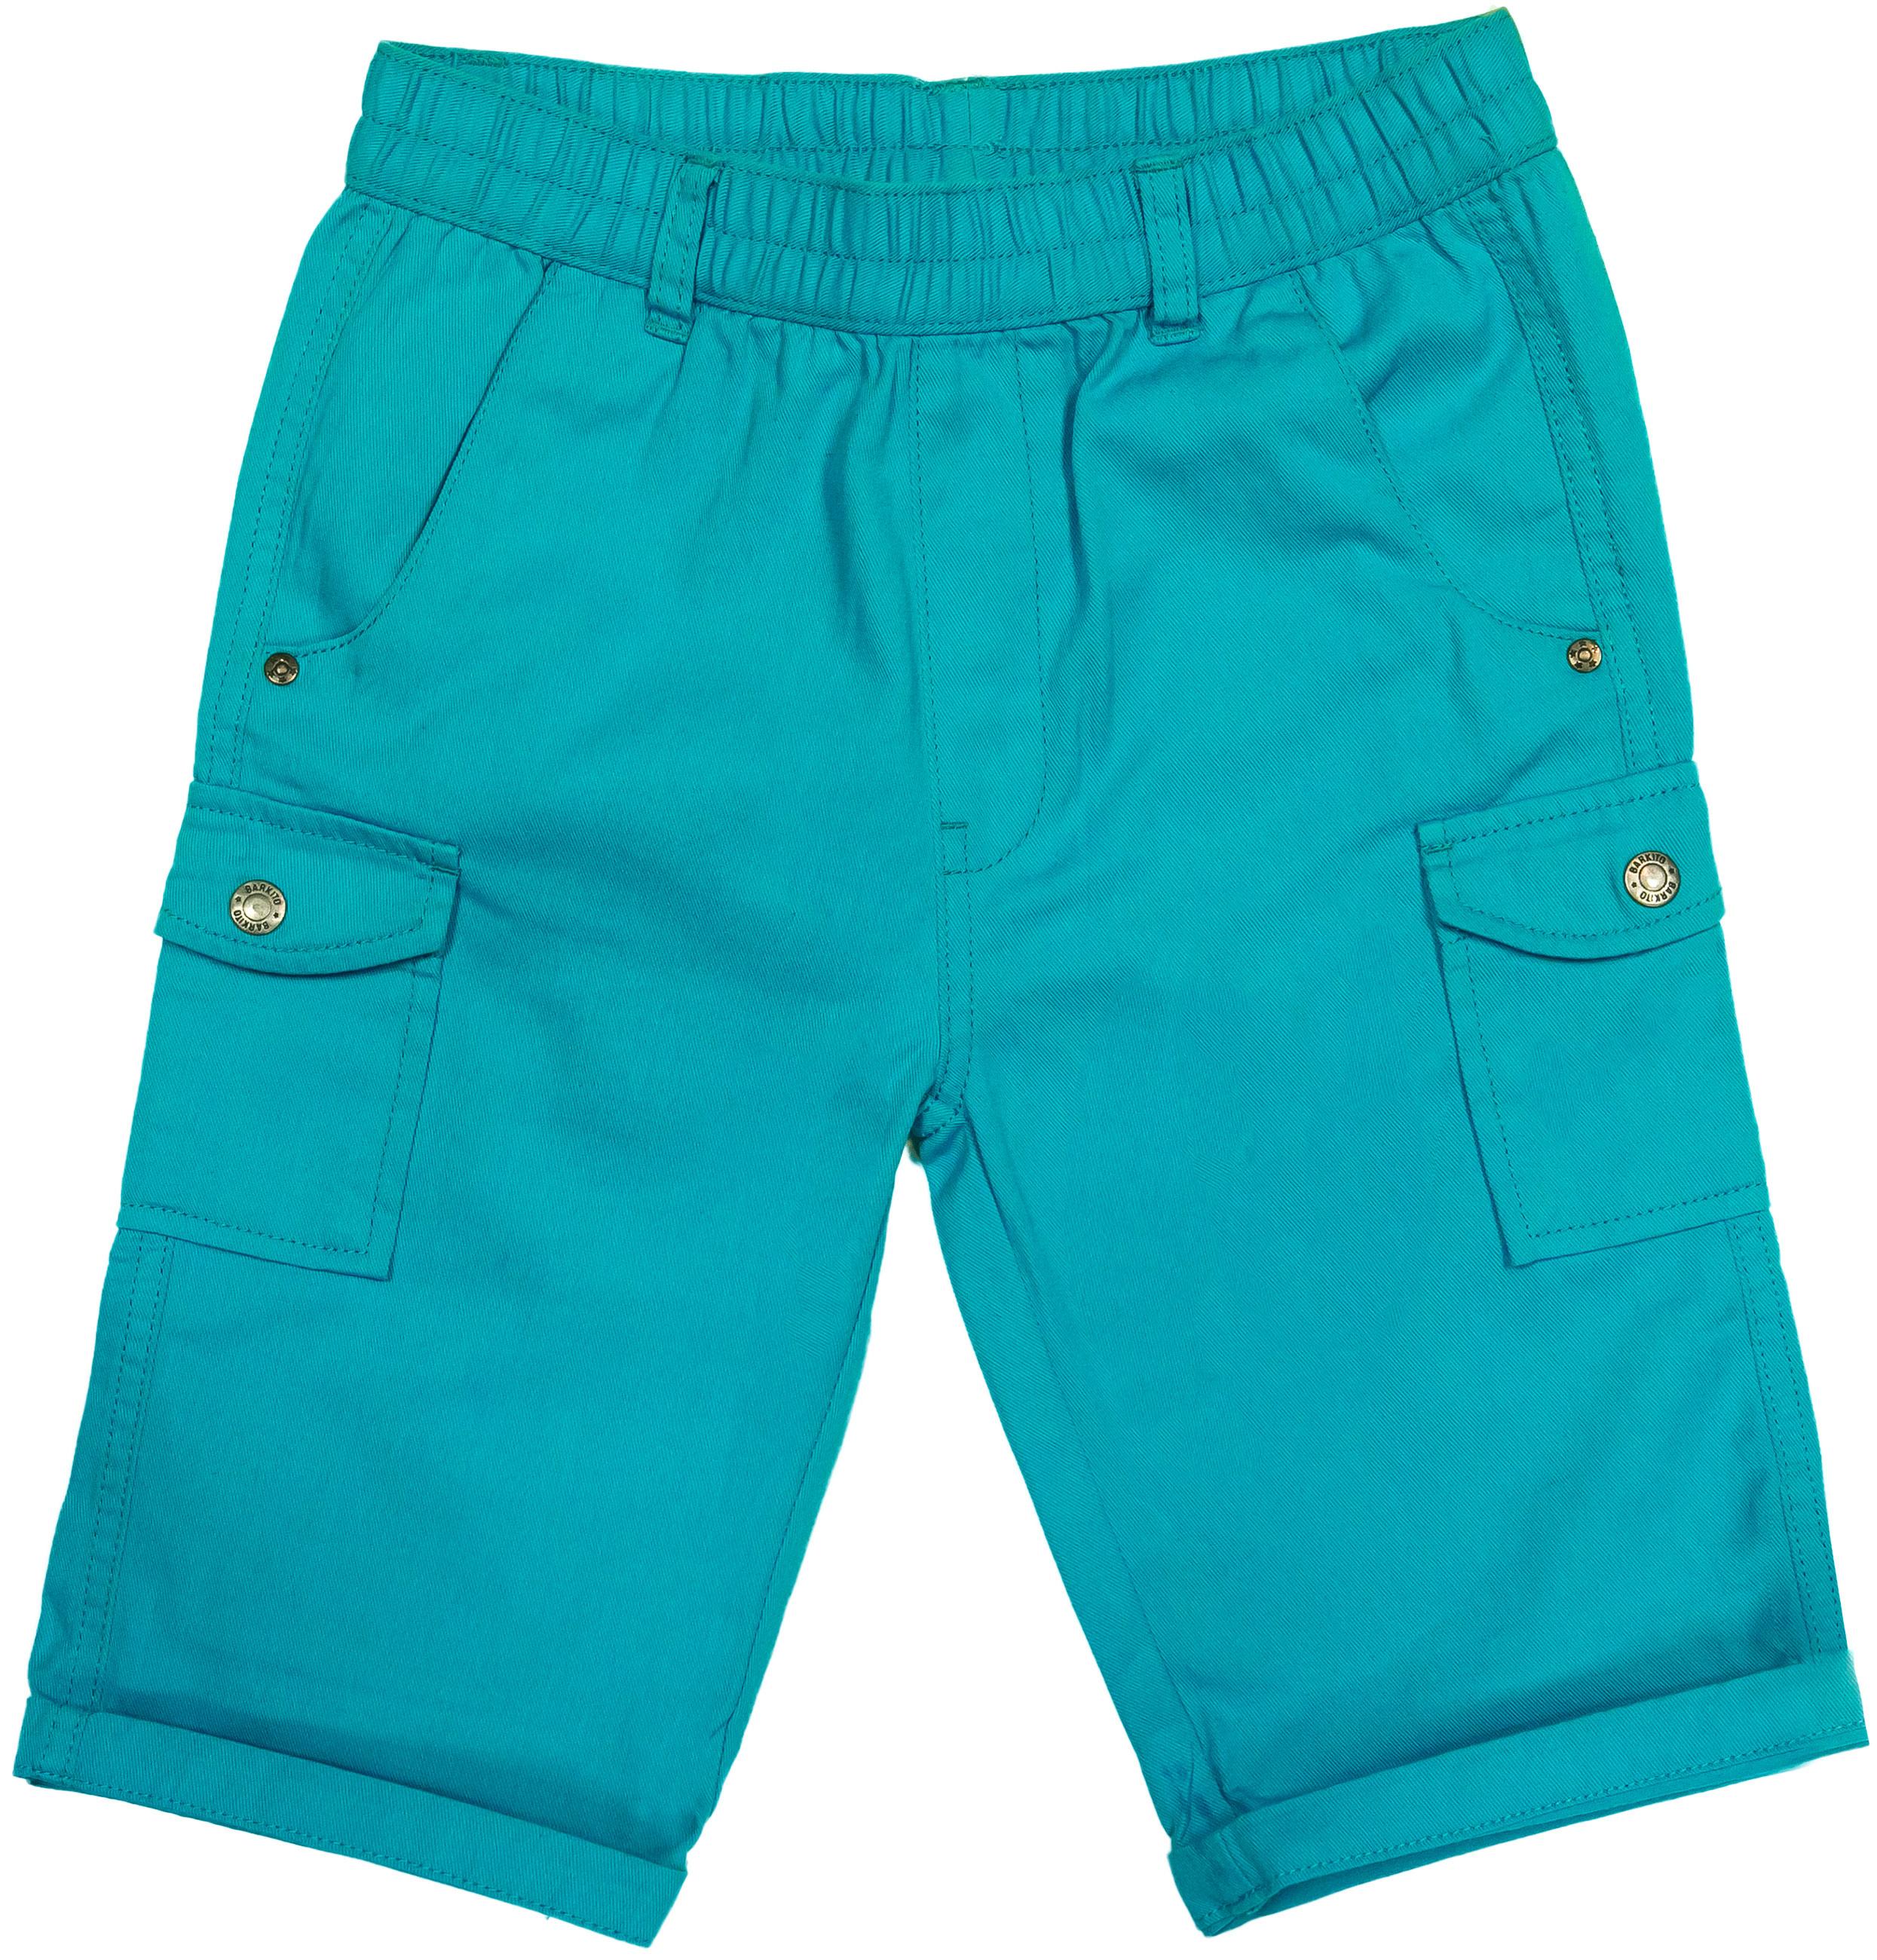 Шорты Barkito Шорты модель Бермуды для мальчика Barkito Тропическая жара, бирюзовые шорты бермуды gas шорты бермуды